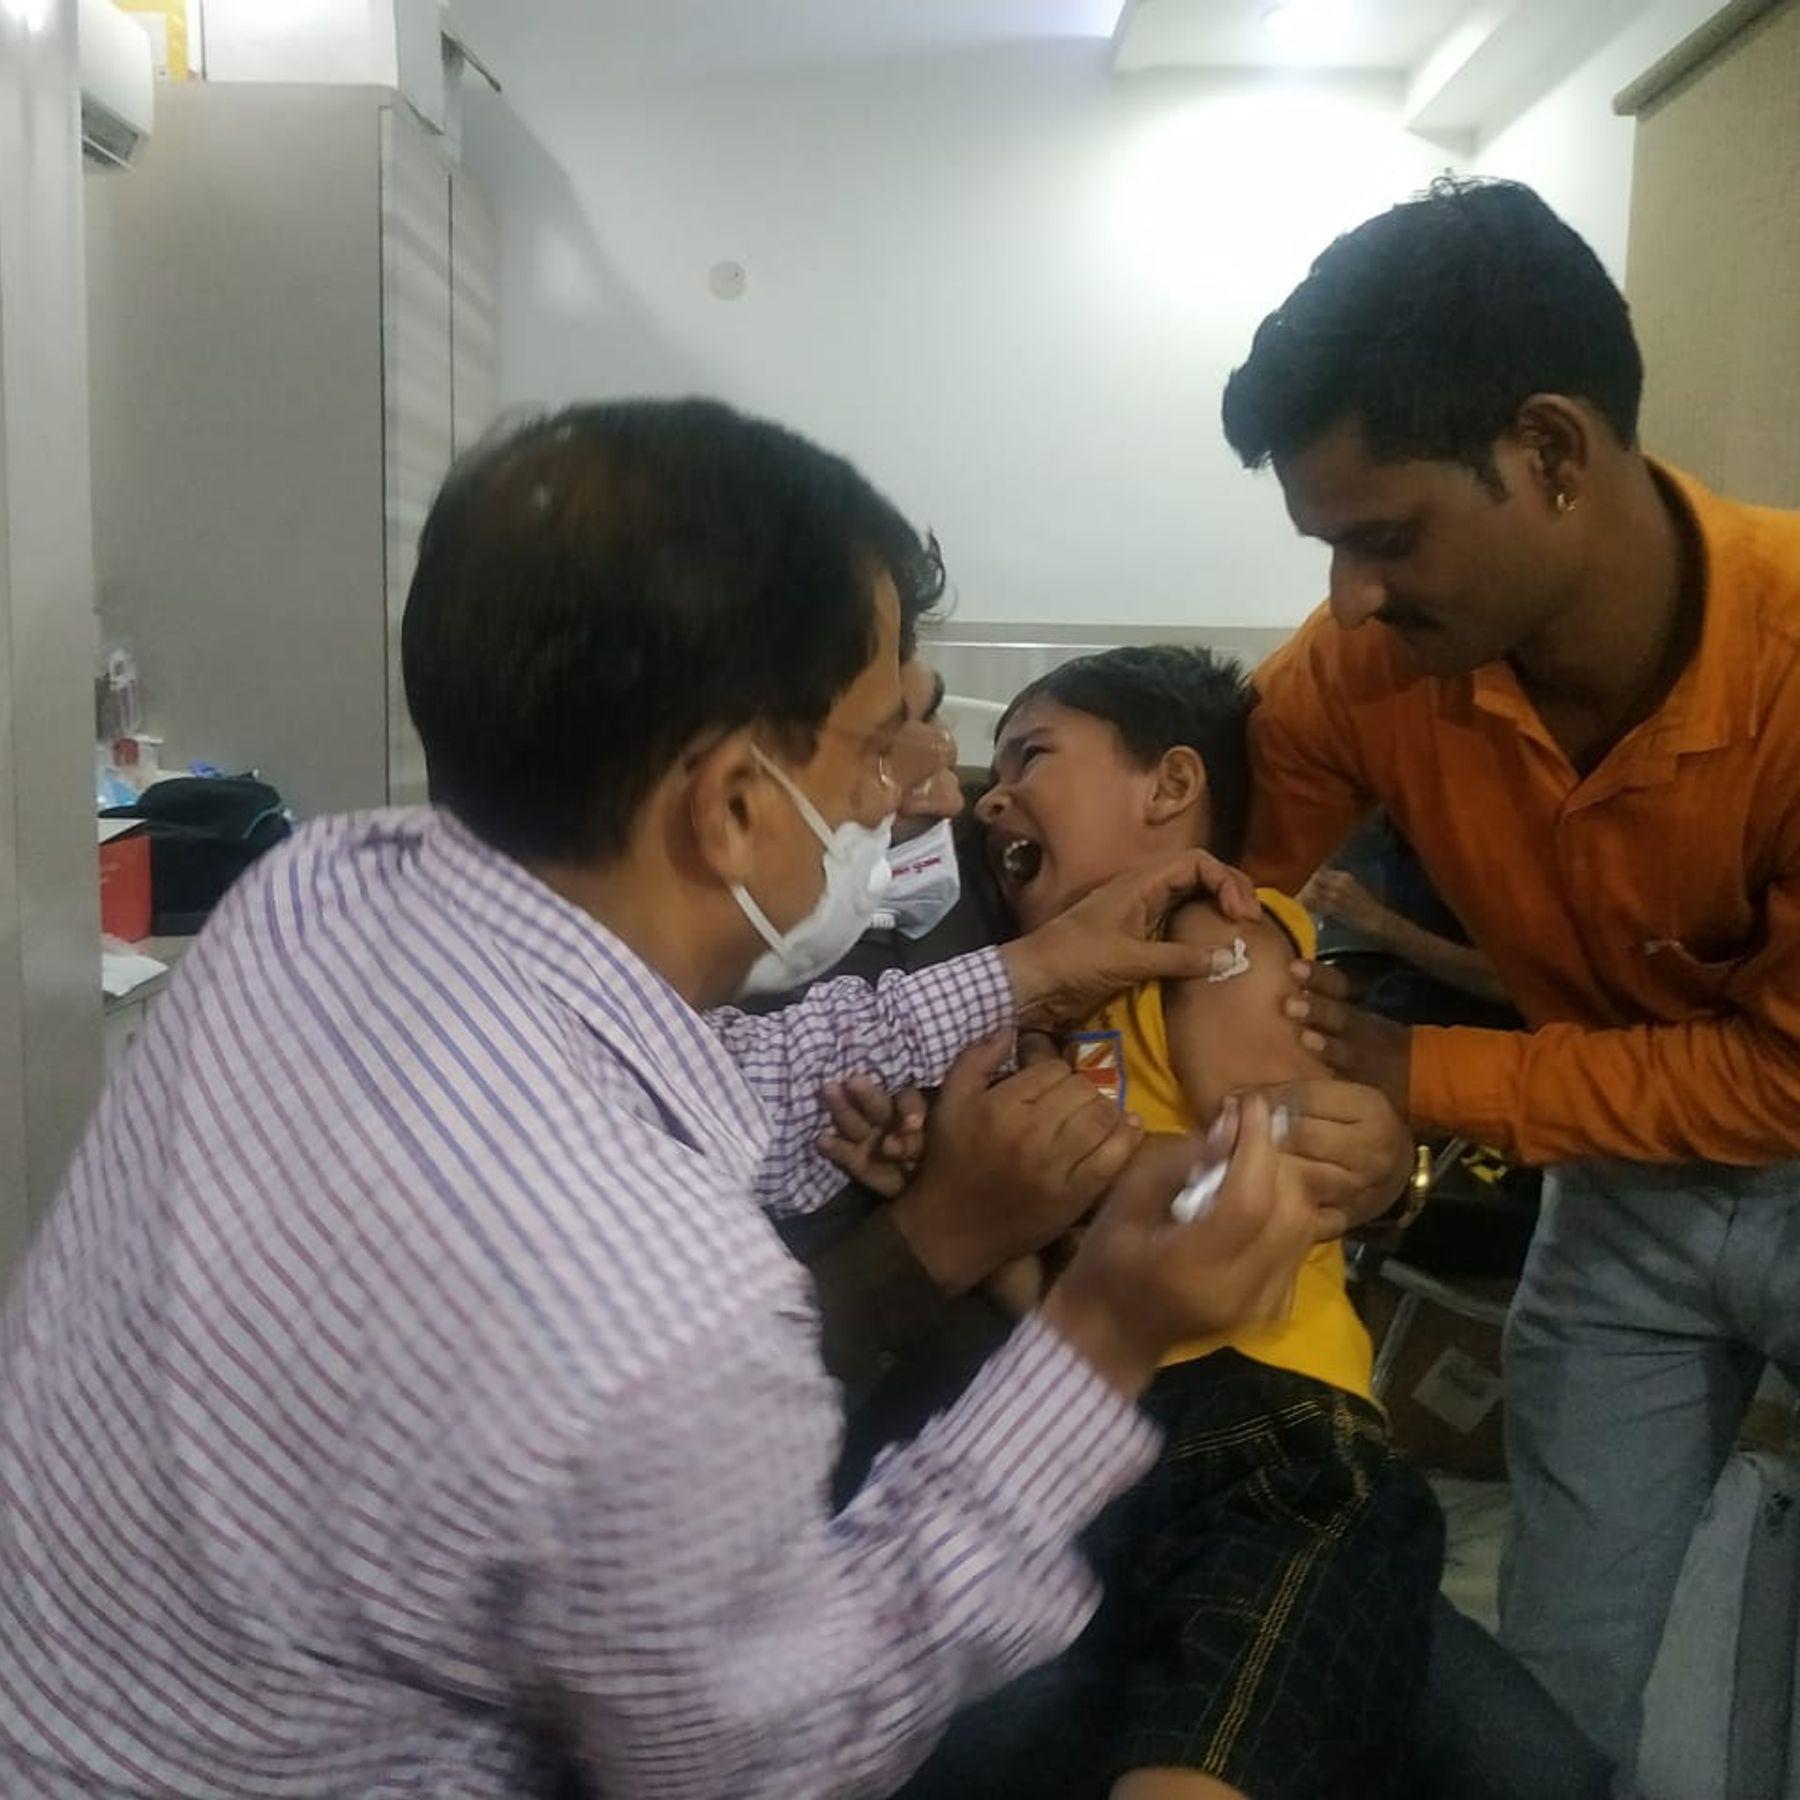 दिल्ली-पटना में वैक्सीन ट्रायल के लिए पहुंचे 55-60% बच्चों में पहले से एंटीबॉडी थी; अच्छी बात यह कि इन्हें कोरोना का पता ही नहीं चला|दिल्ली + एनसीआर,Delhi + NCR - Dainik Bhaskar